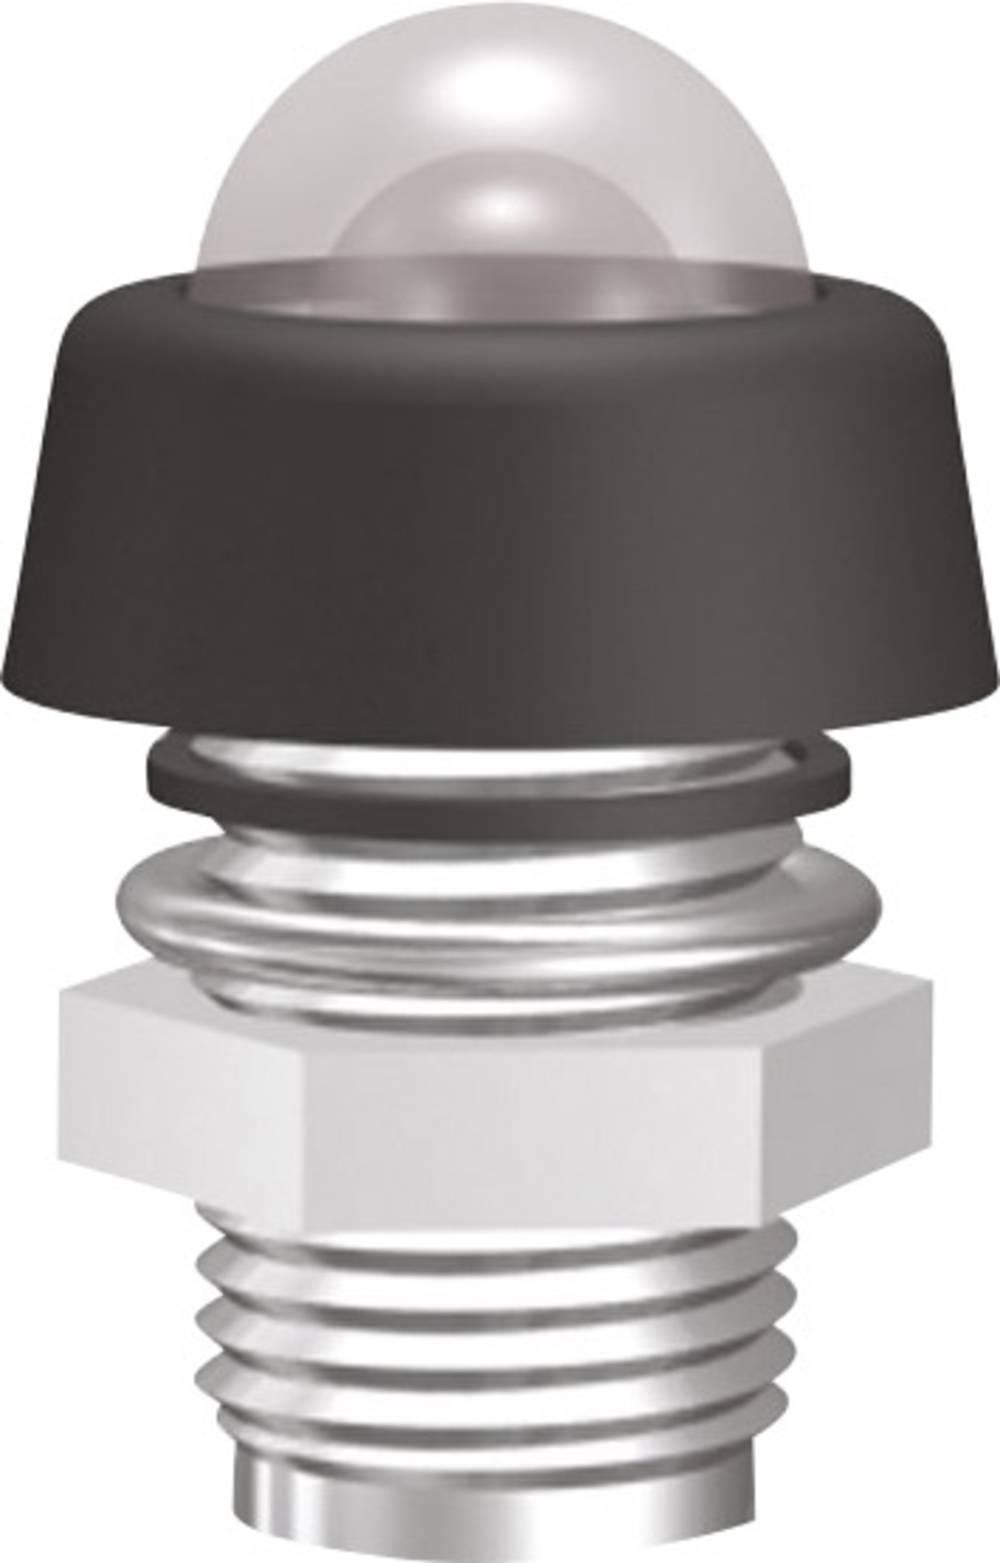 LED-fatning Metal Passer til LED 5 mm Skruefastgørelse Signal Construct SMK1089